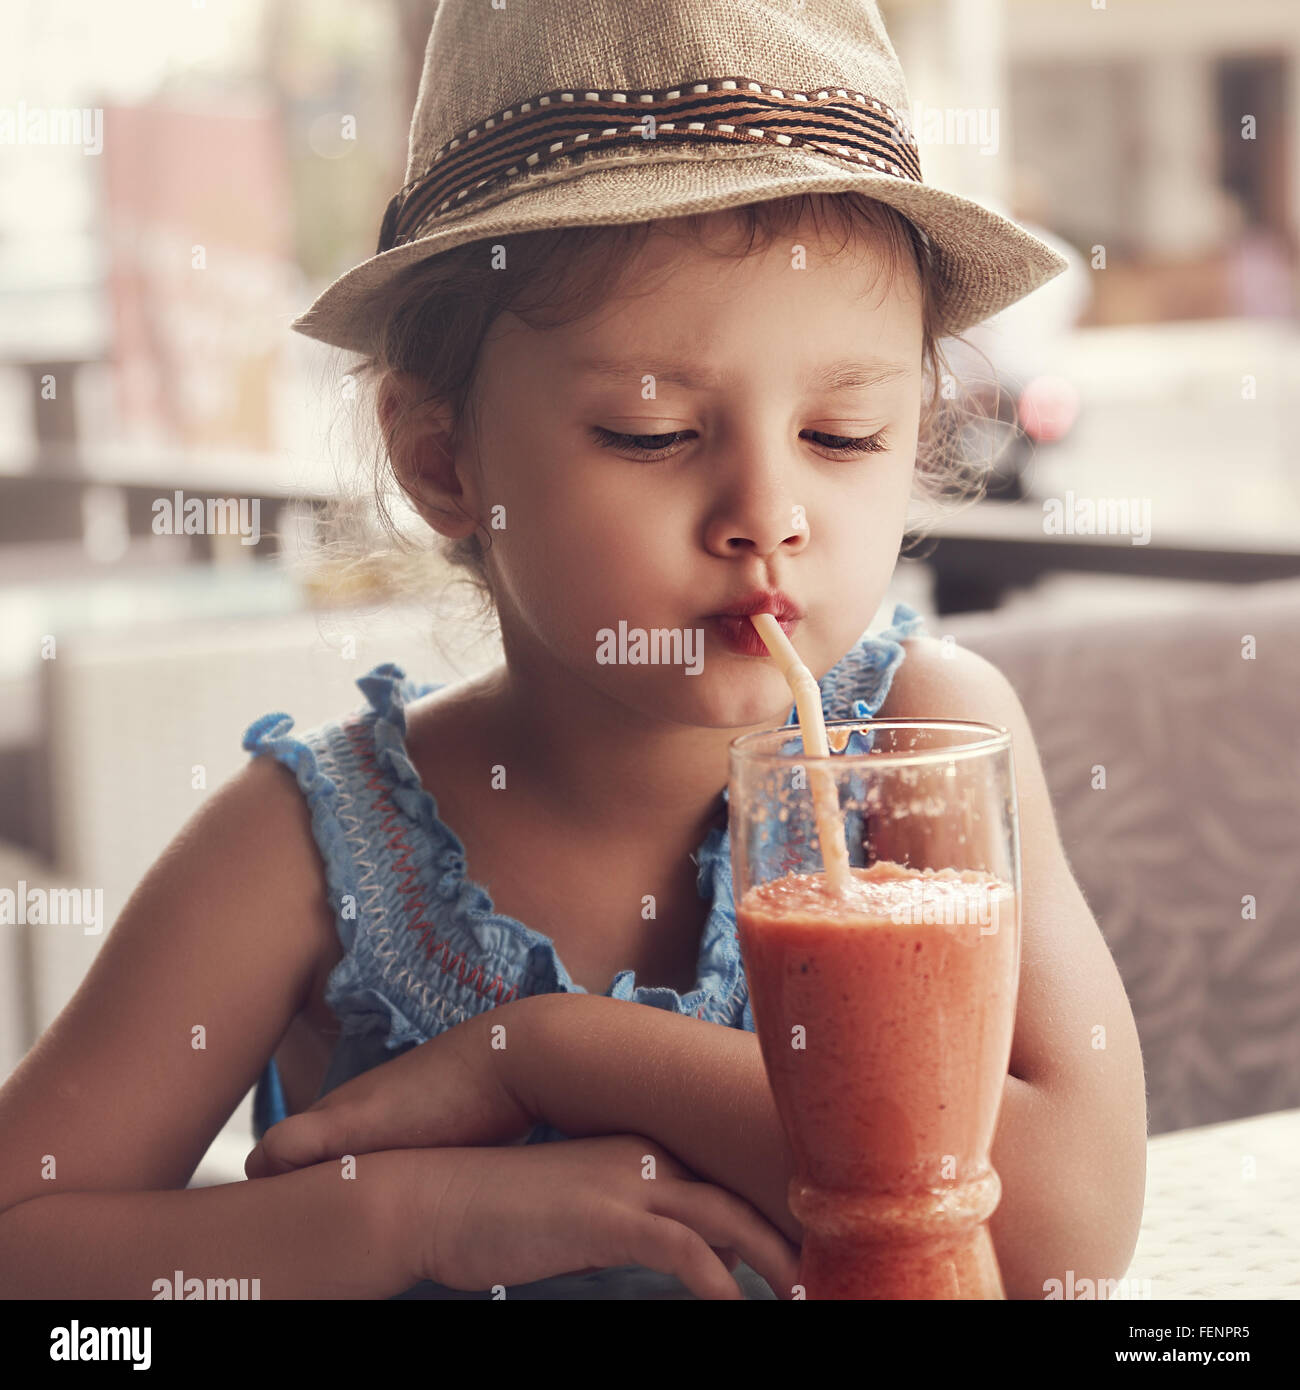 Diversão kid rapariga no hat sumo de smoothie potável vidro em Street Café City. Tons de close-up Imagens de Stock